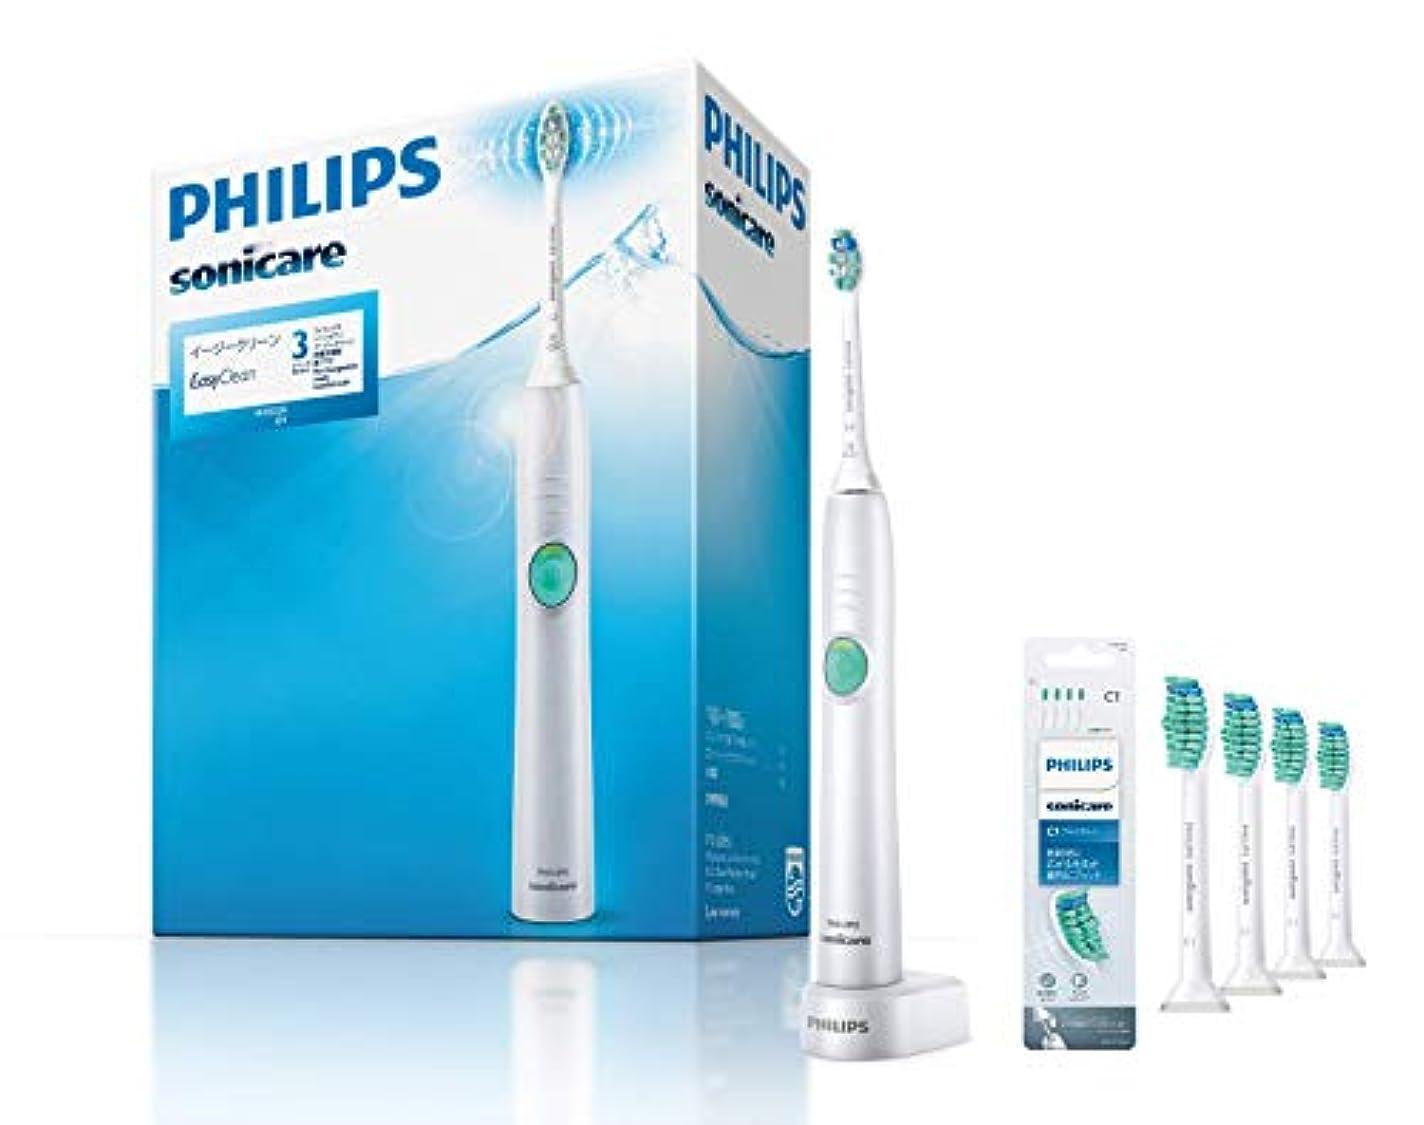 上に築きます要旨リボンフィリップス ソニッケアー イージークリーン 電動歯ブラシ ホワイト HX6551/01 + (正規品) 替えブラシ レギュラーサイズ 4本組 HX6014/63